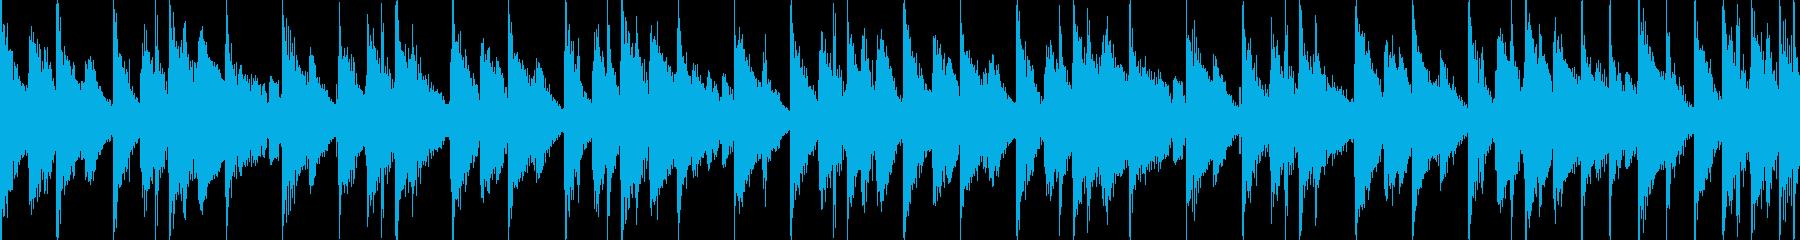 エレクトロファンク-男性ボーカル。...の再生済みの波形